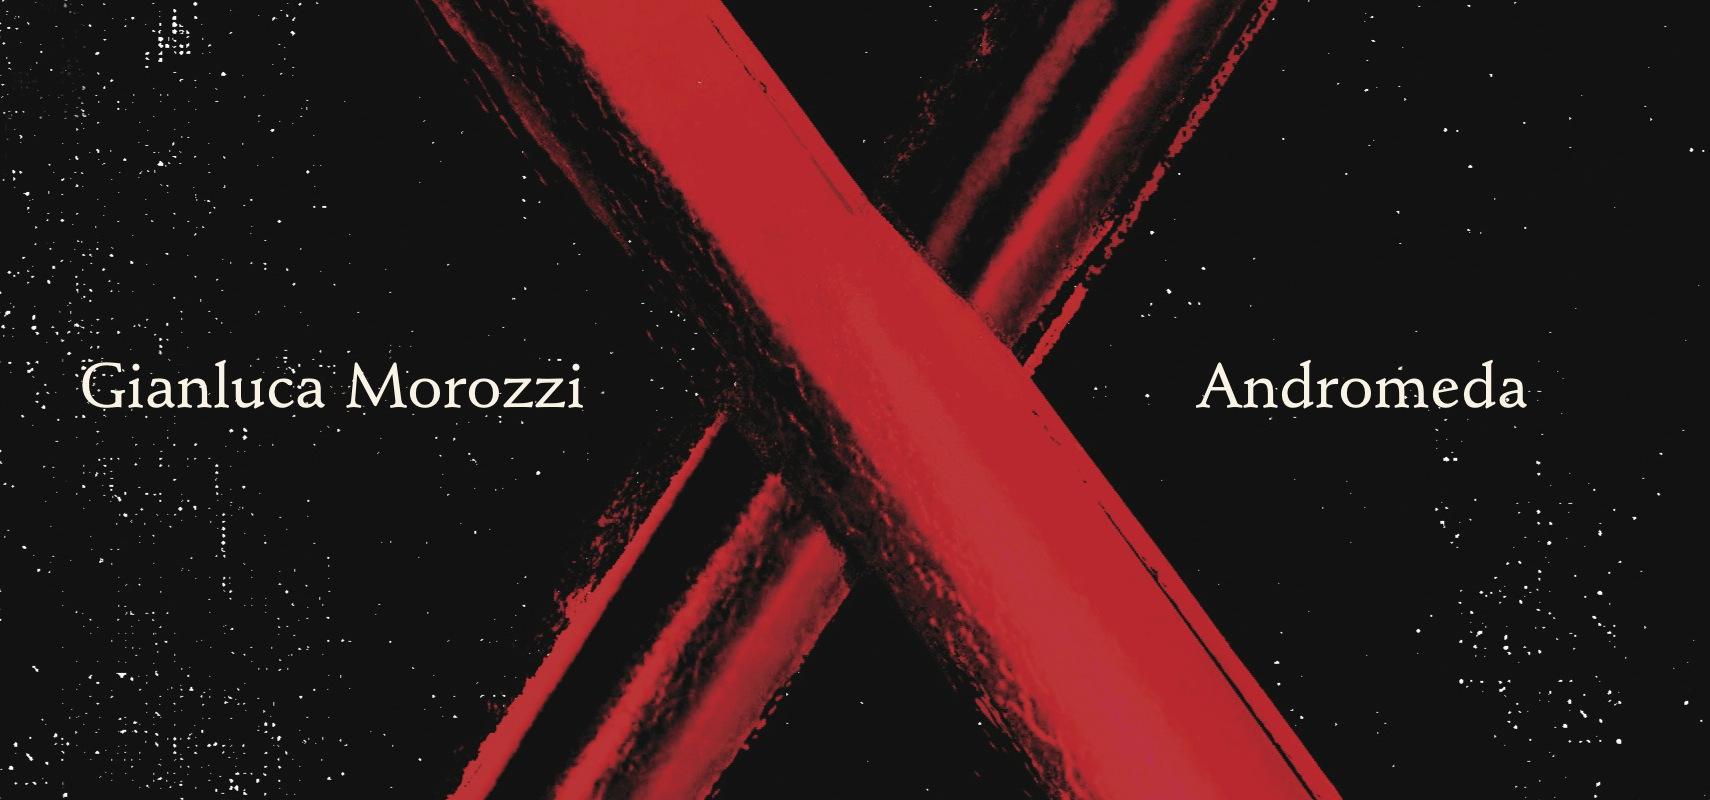 Andromeda, di Gianluca Morozzi